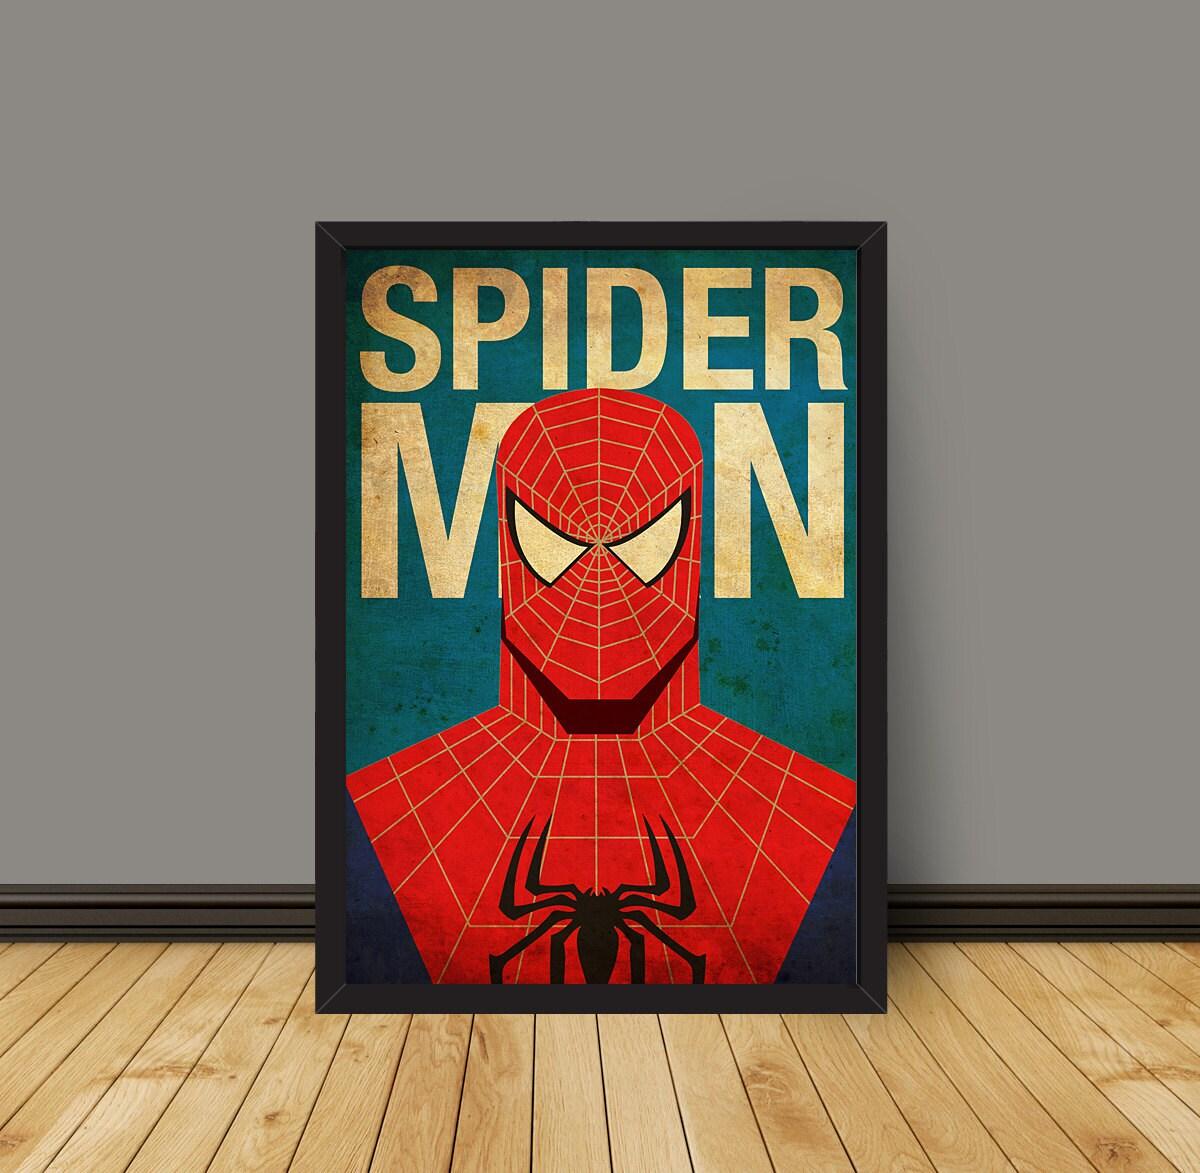 Vintage Minimalist Spiderman Poster Prints